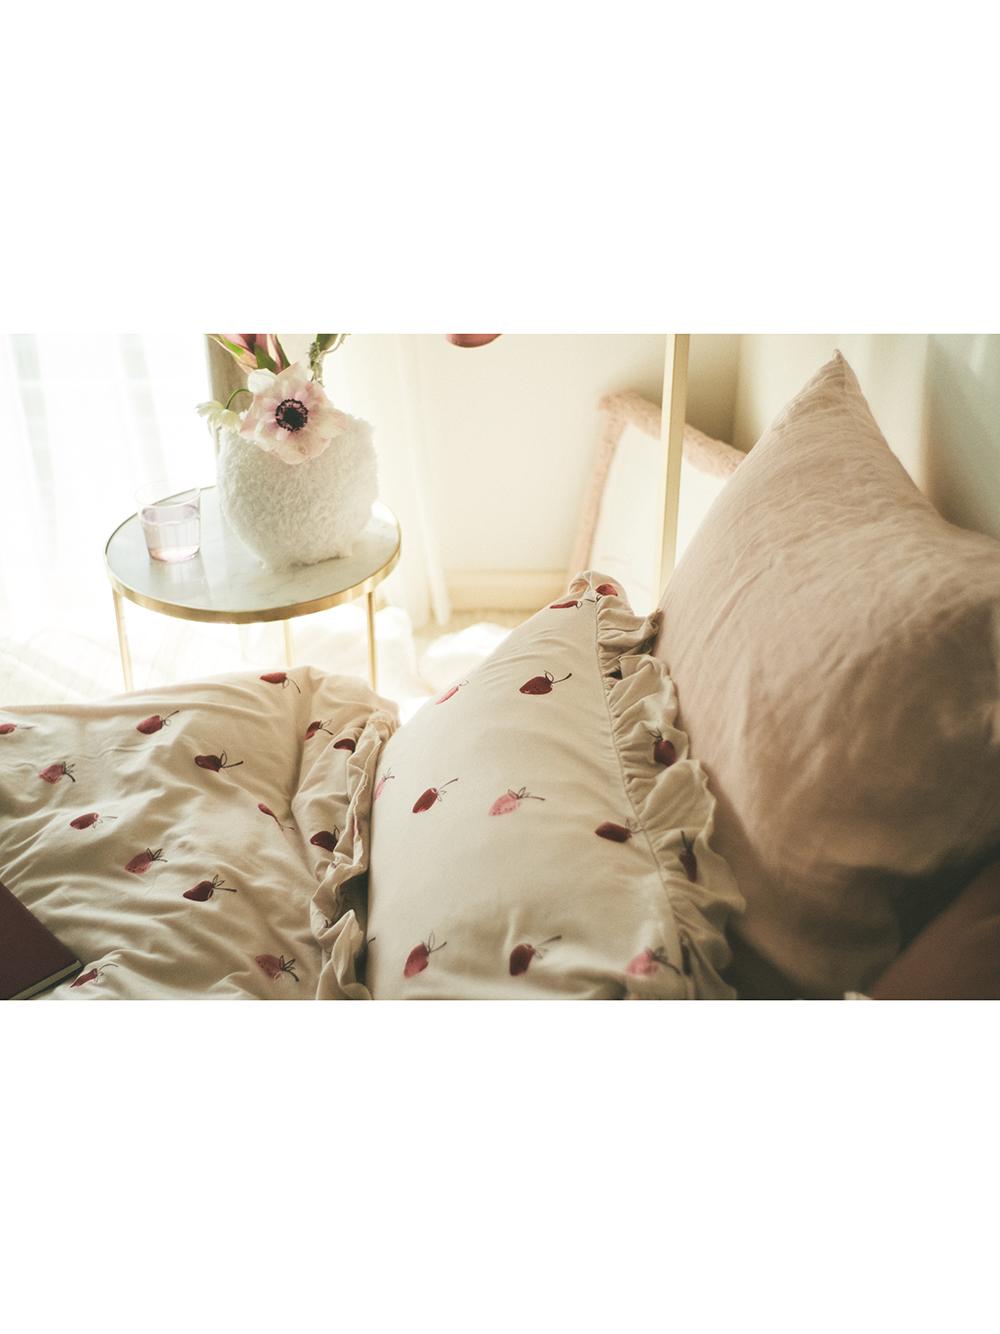 【Sleep】(ダブル)ストロベリーモチーフ2点SET   PSGG211007